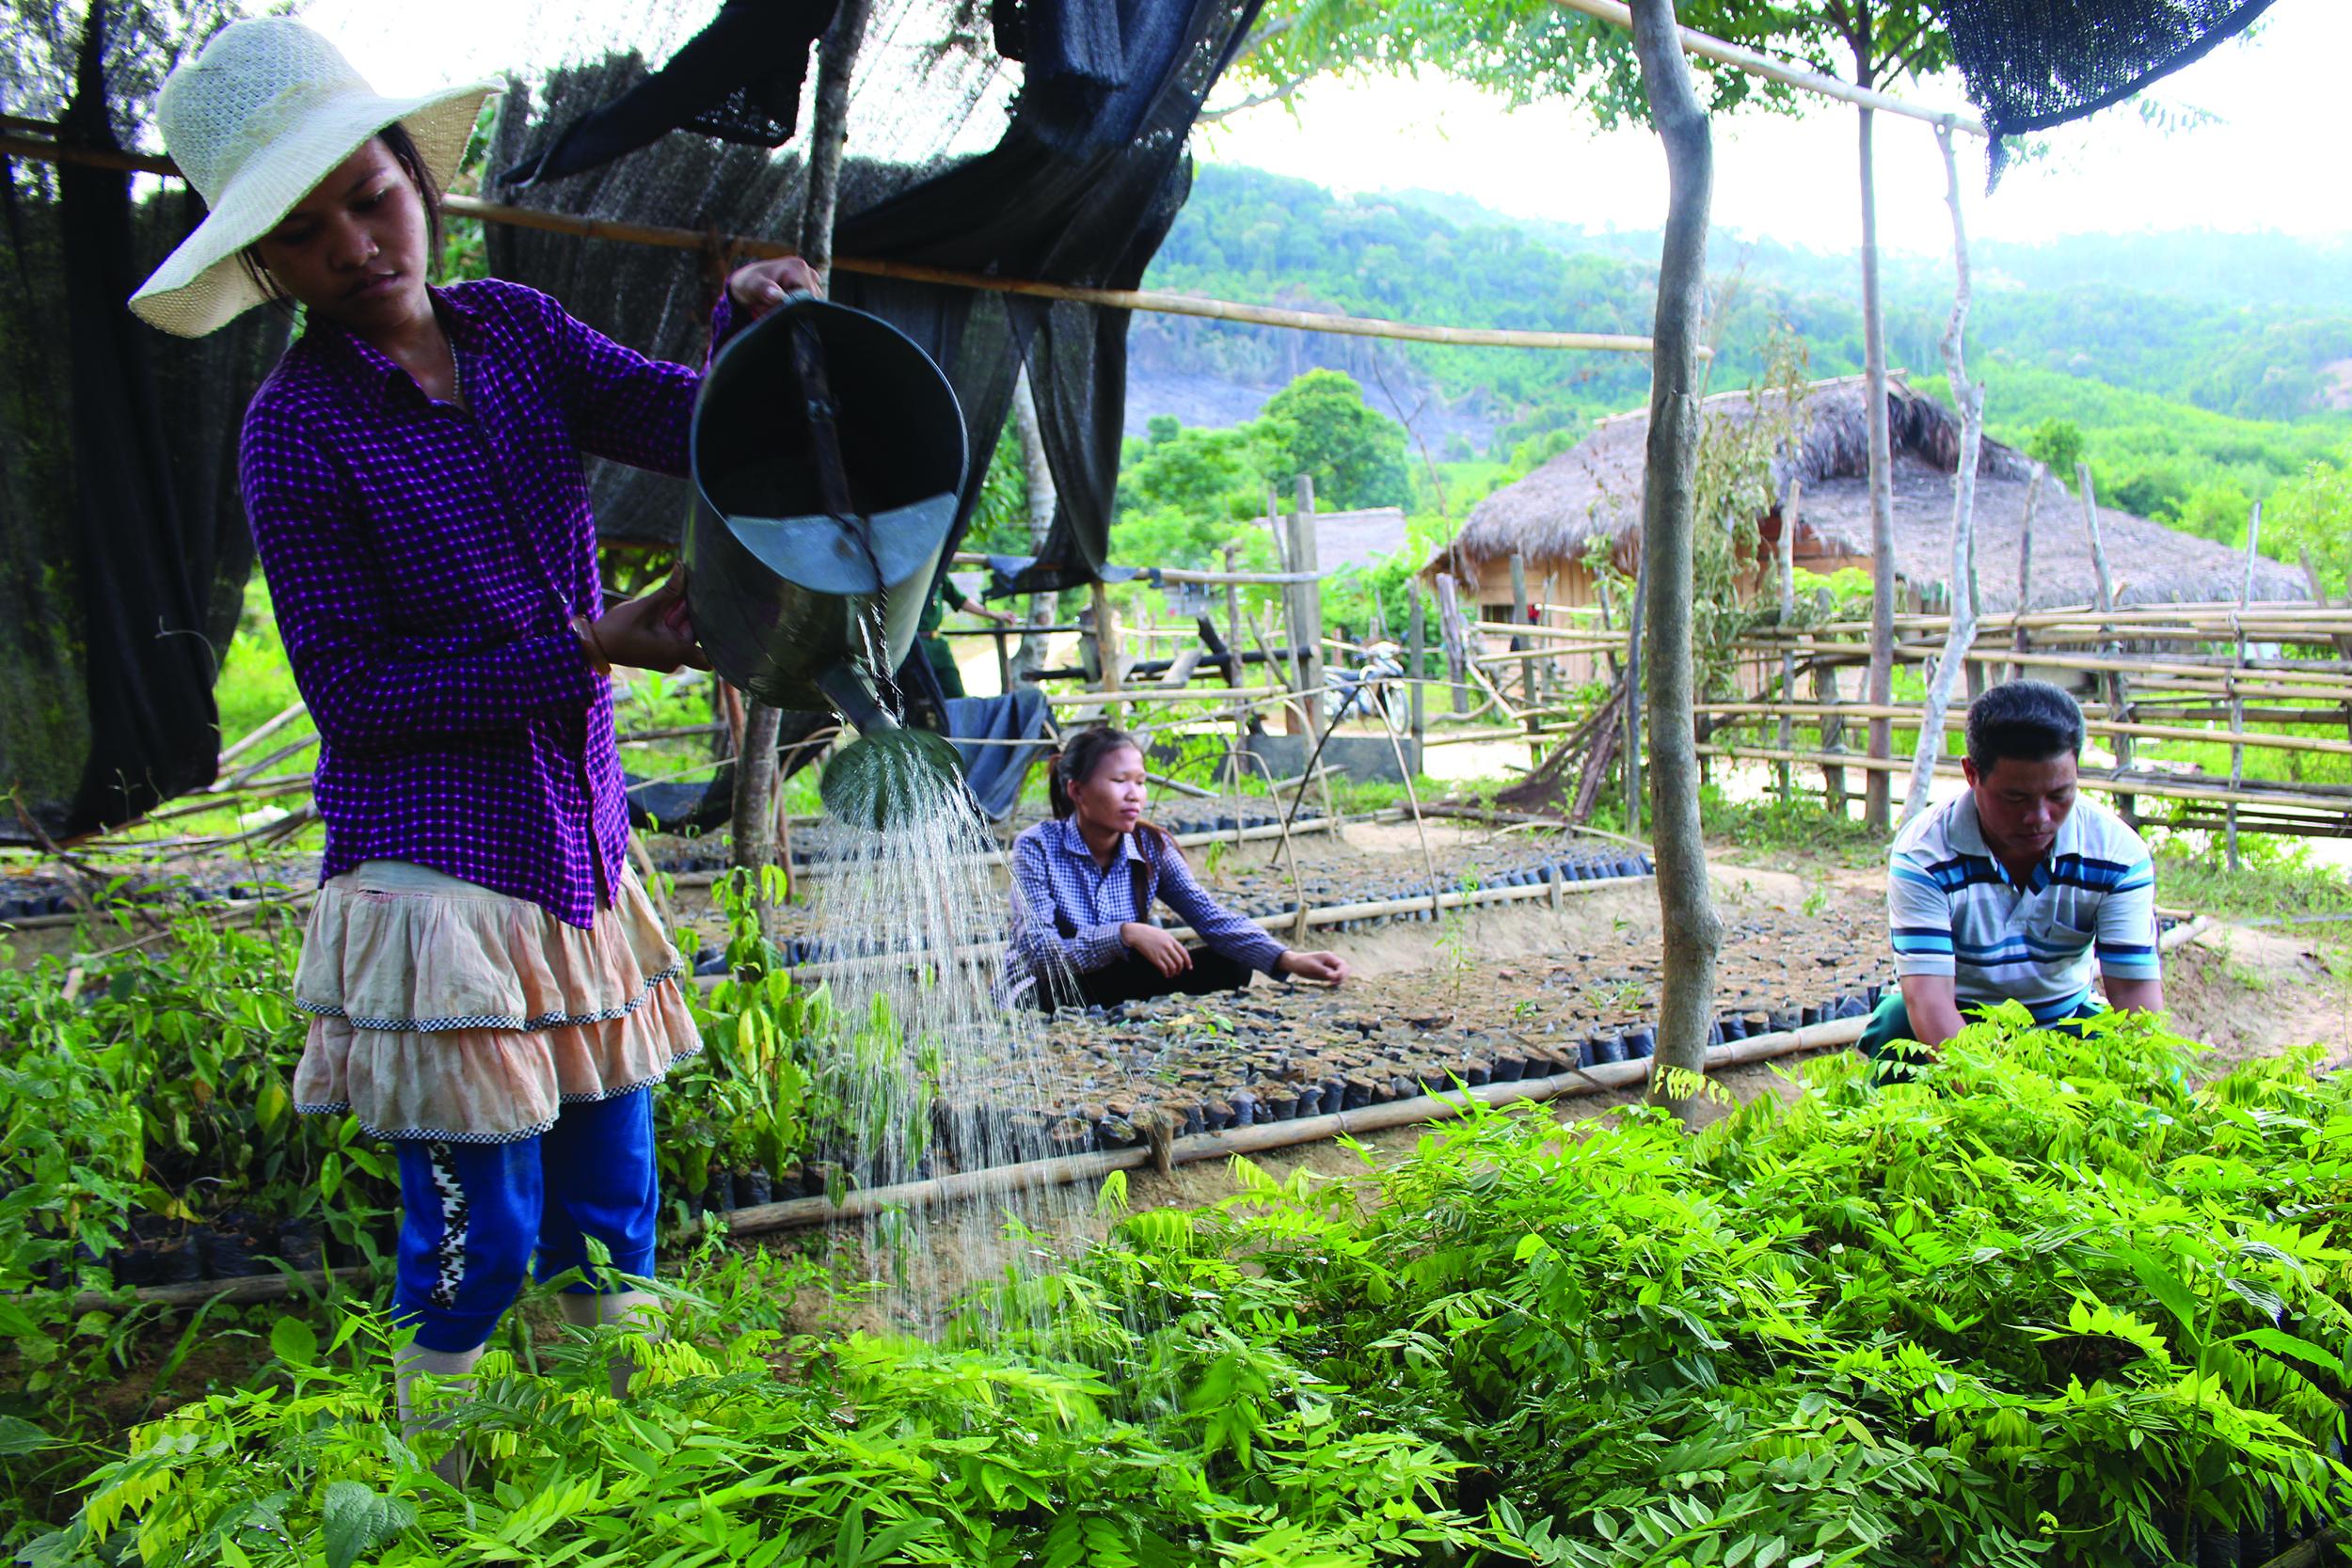 Đồng bào Mã Liềng ở bản Kè, xã Lâm Hóa, huyện Tuyên Hóa chăm sóc vườn ươm giống cây huê đỏ để trồng rừng